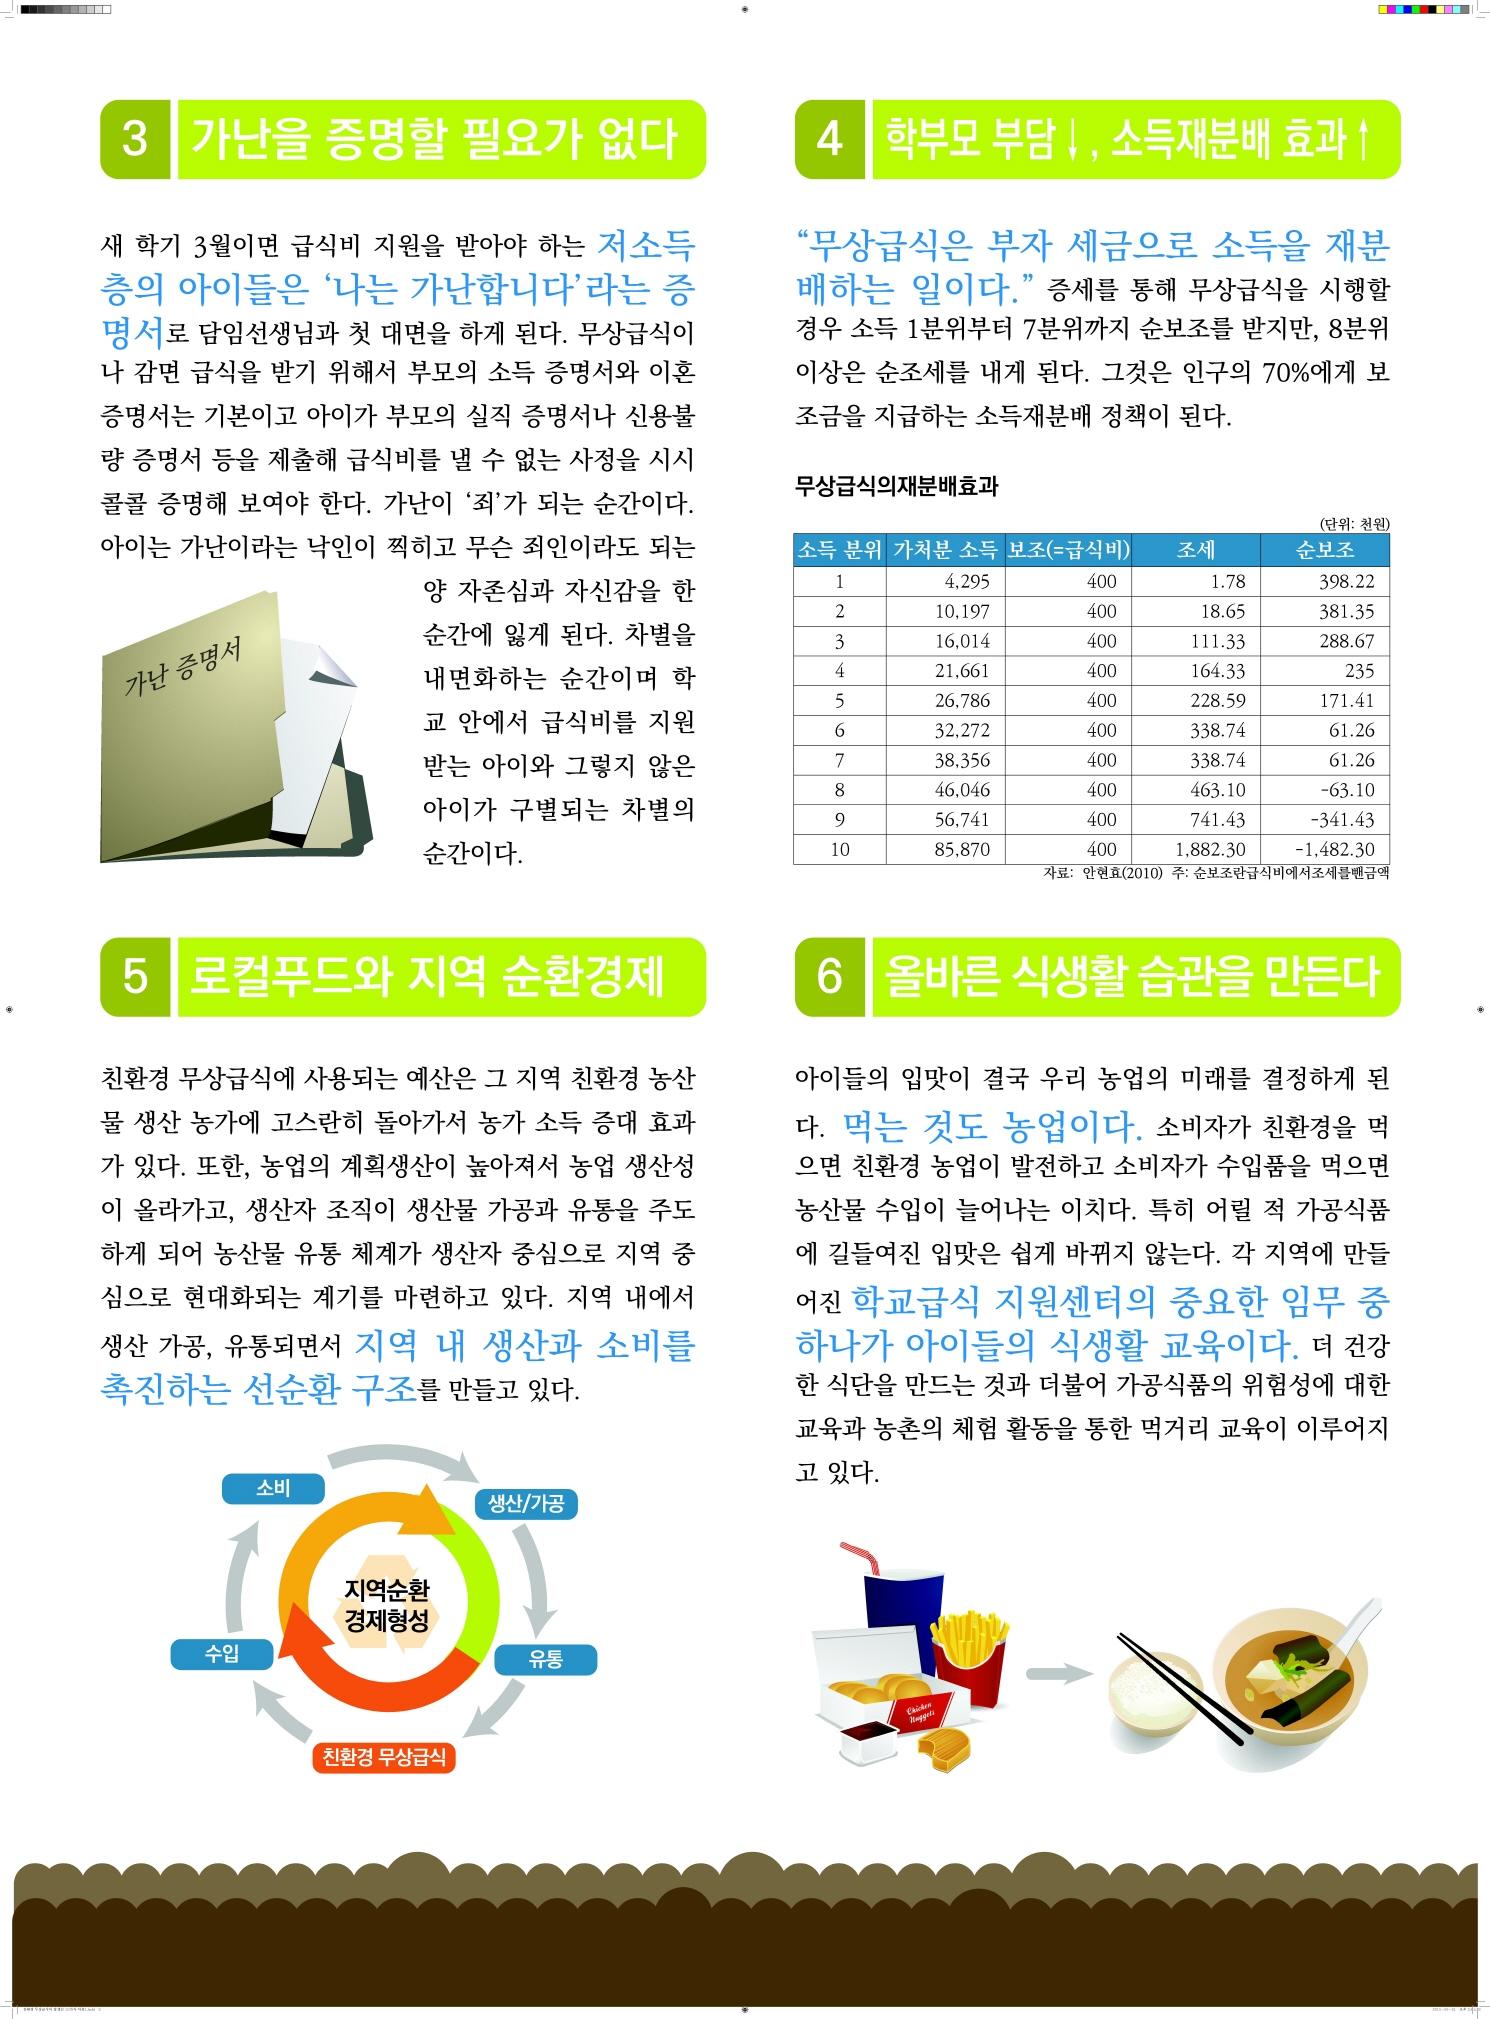 크기변환_20150621_친환경 무상급식 이유(NEW)_배경희.pdf.02.jpg